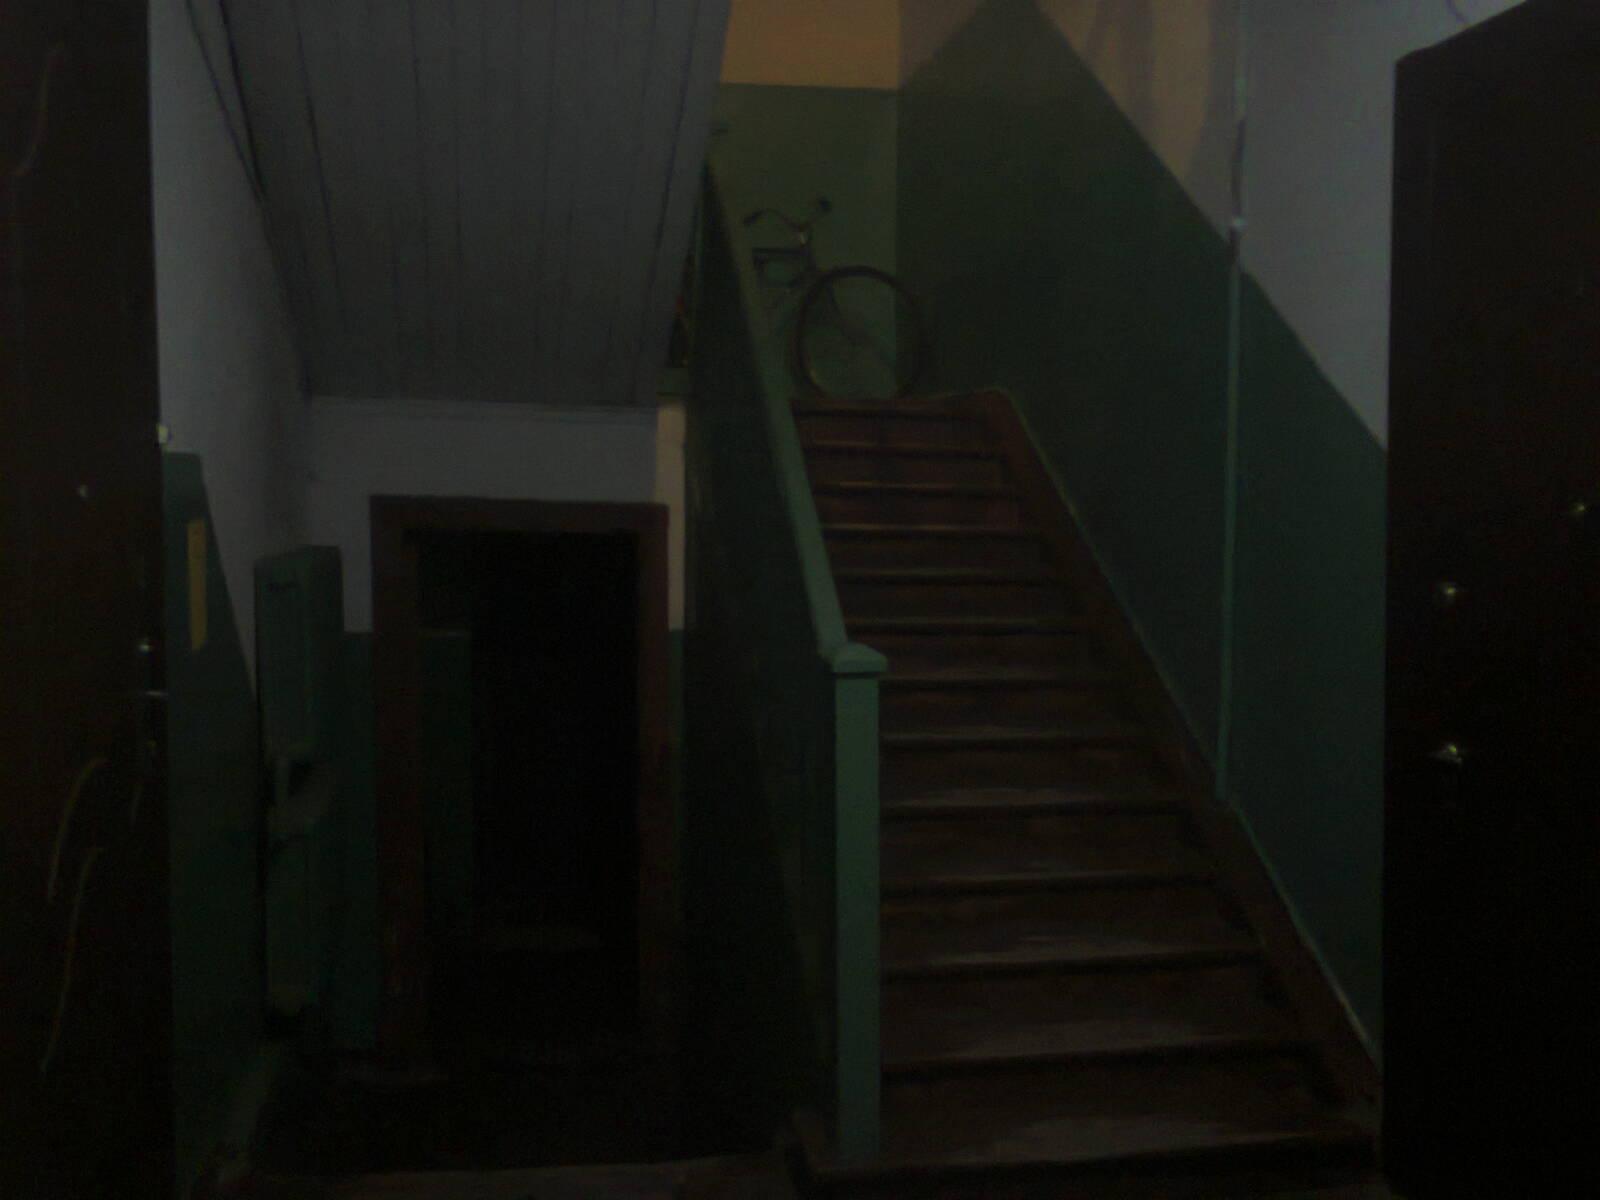 Интерьер парадной сталинского коттеджа в Партизанском переулке Павловска